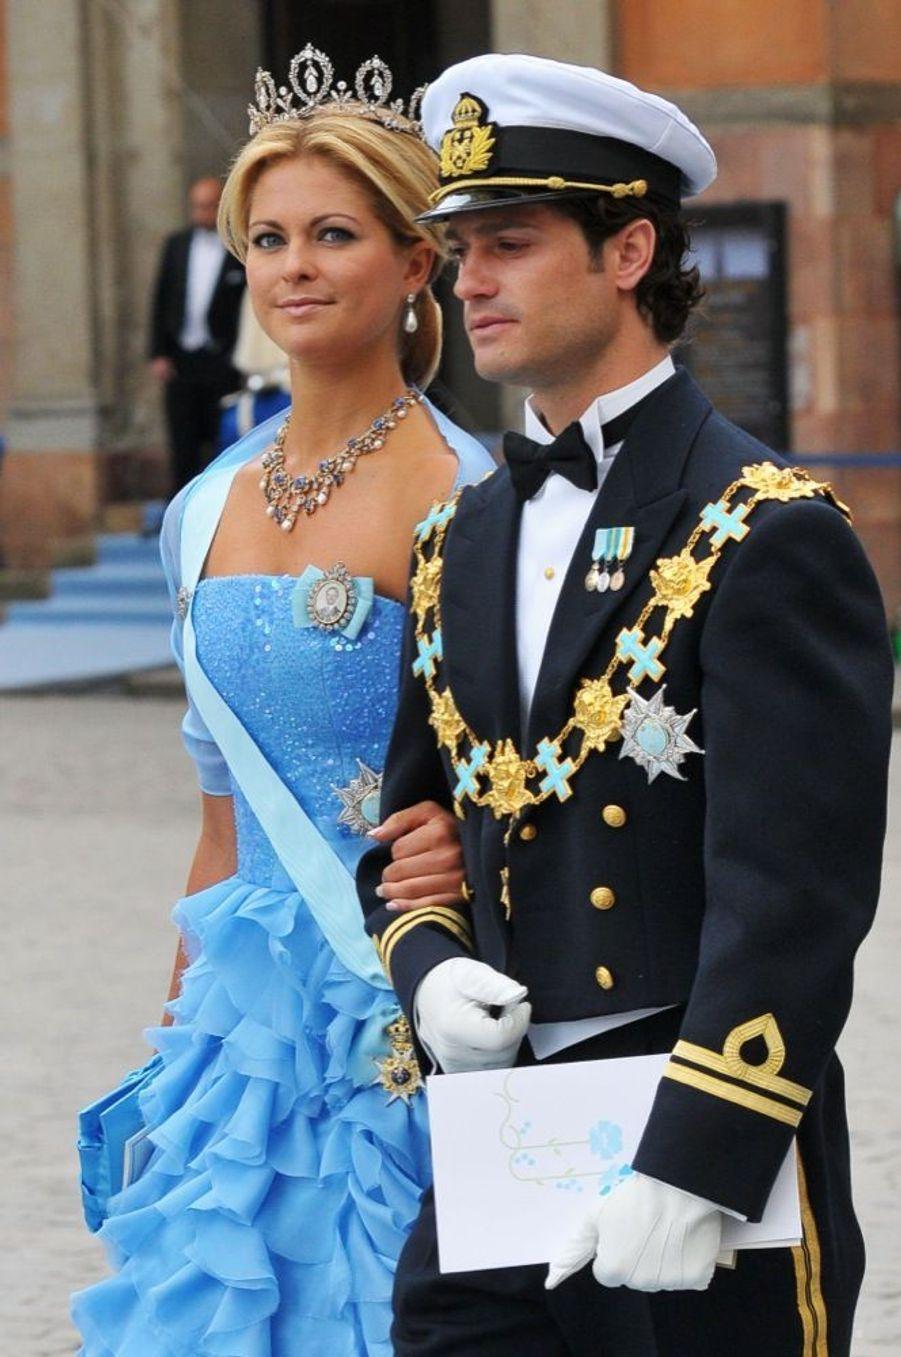 Madeleine et Carl-Philip de Suède au mariage de leur soeur la princesse Victoria de Suède et de Daniel Westling, samedi 19 juin 2010 au palais royal de Stockholm.